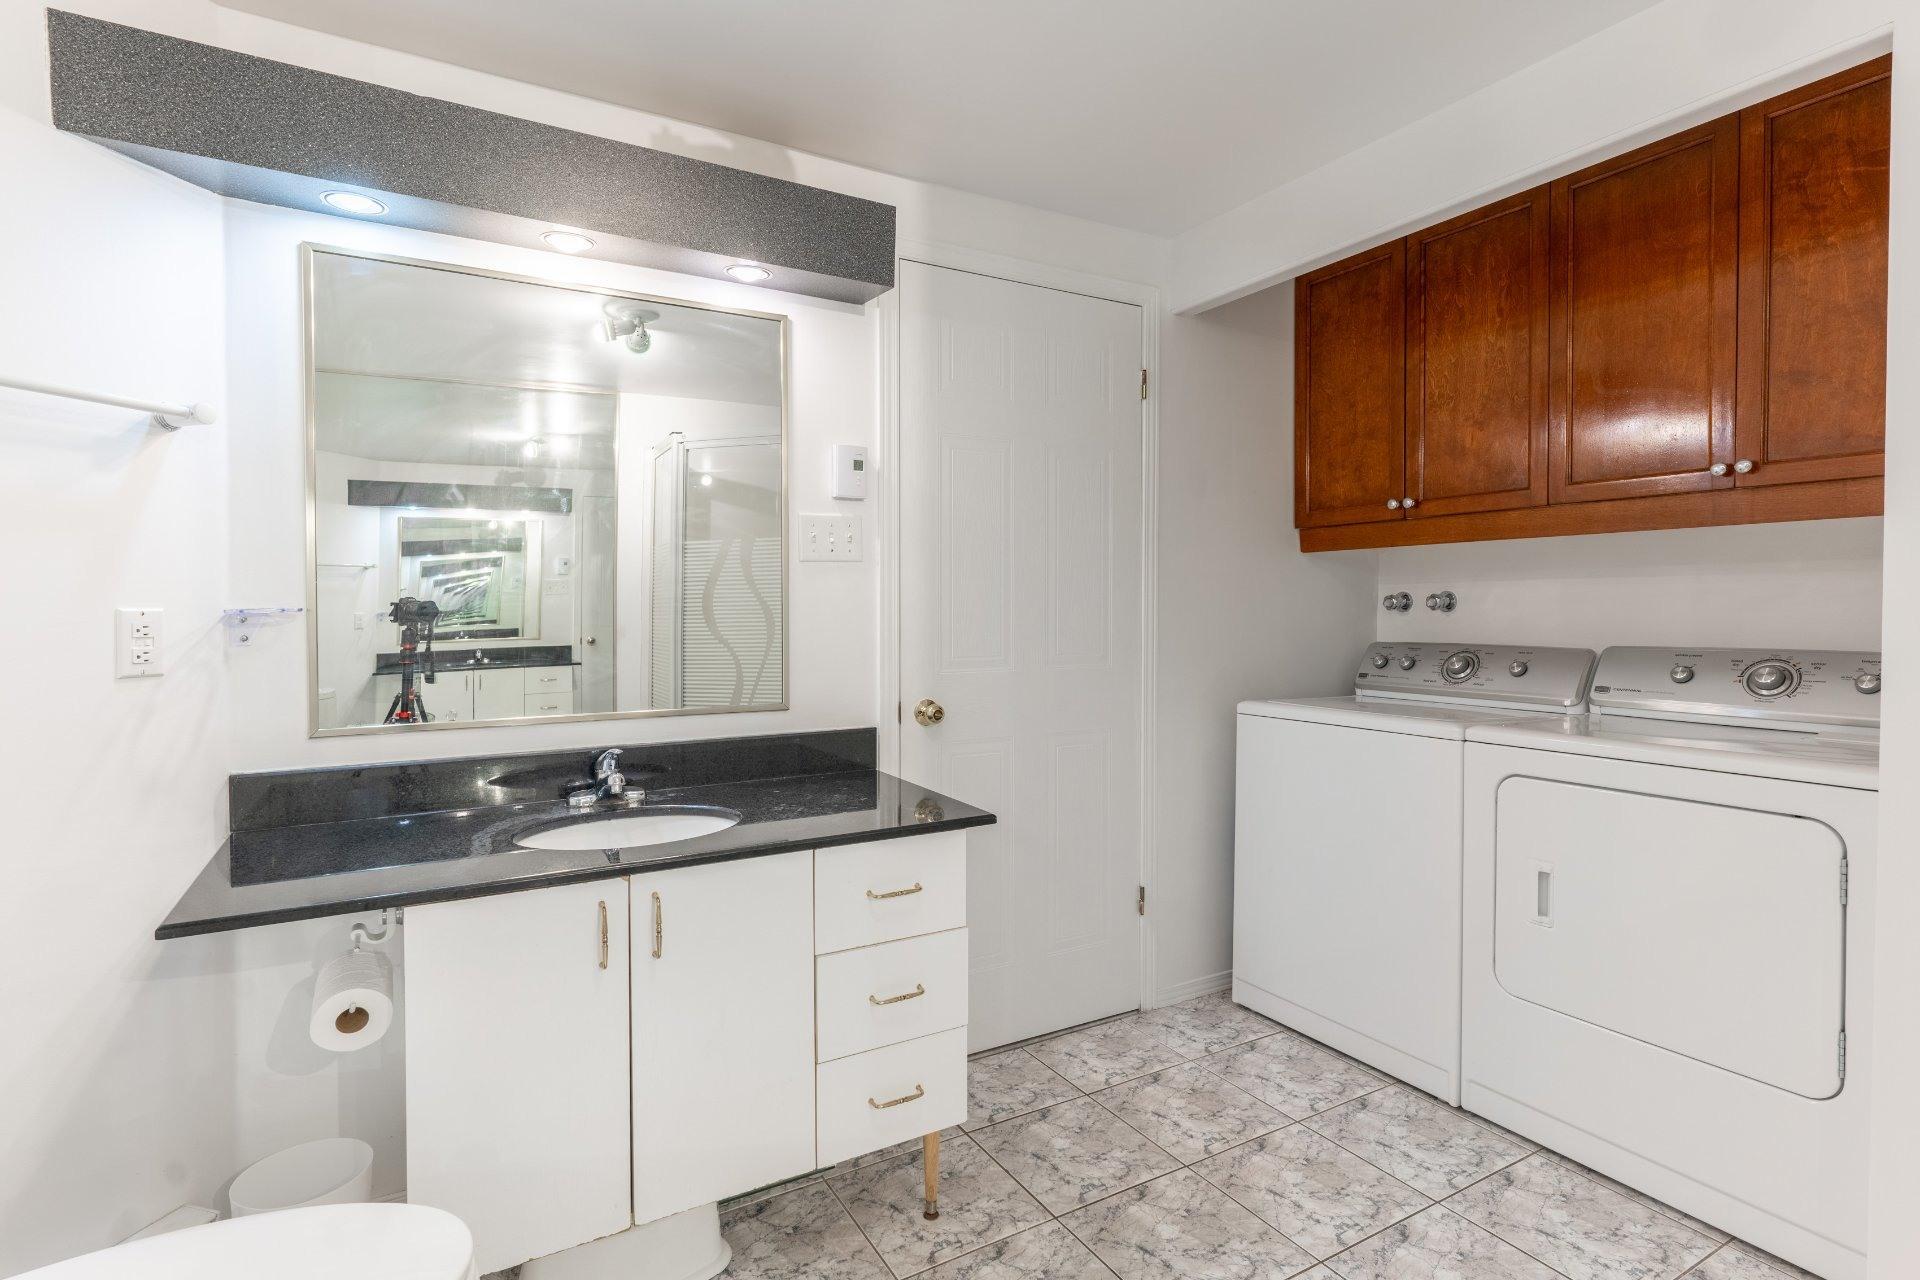 image 8 - Appartement À vendre Saint-Léonard Montréal  - 6 pièces